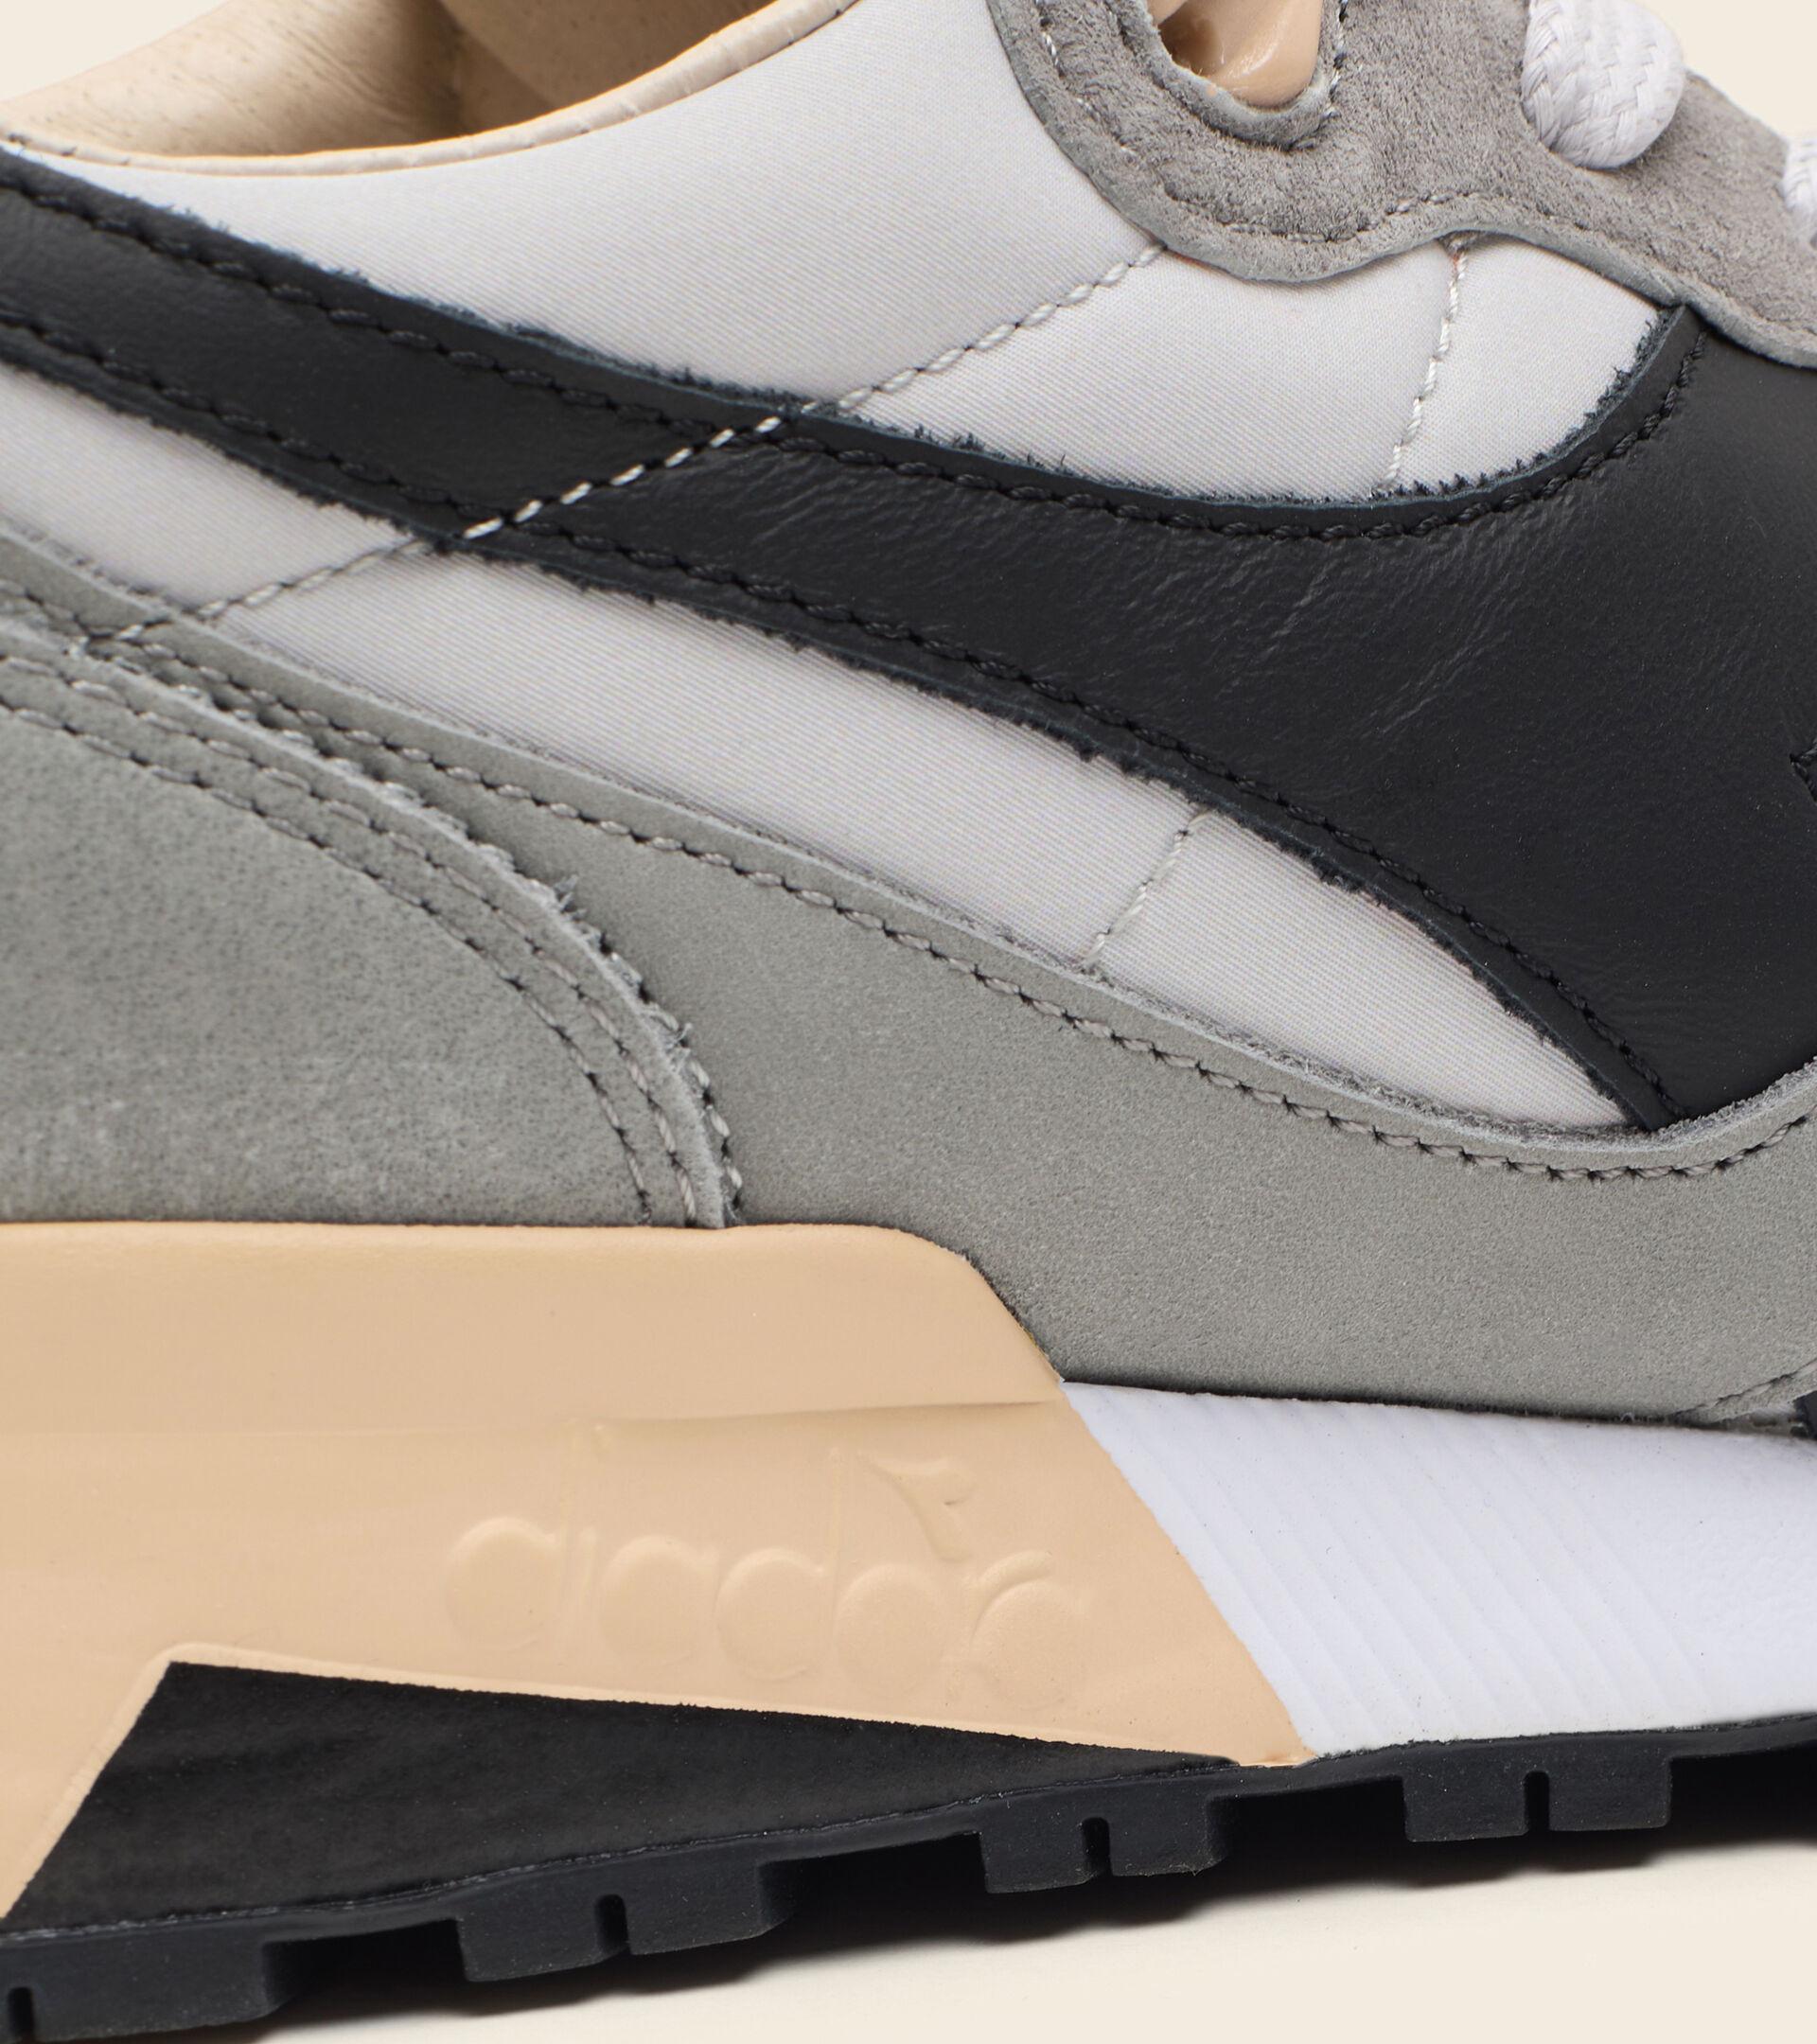 Zapatillas Heritage Made in Italy - Hombre N9000 ITALIA GRIS GLACIAR - Diadora